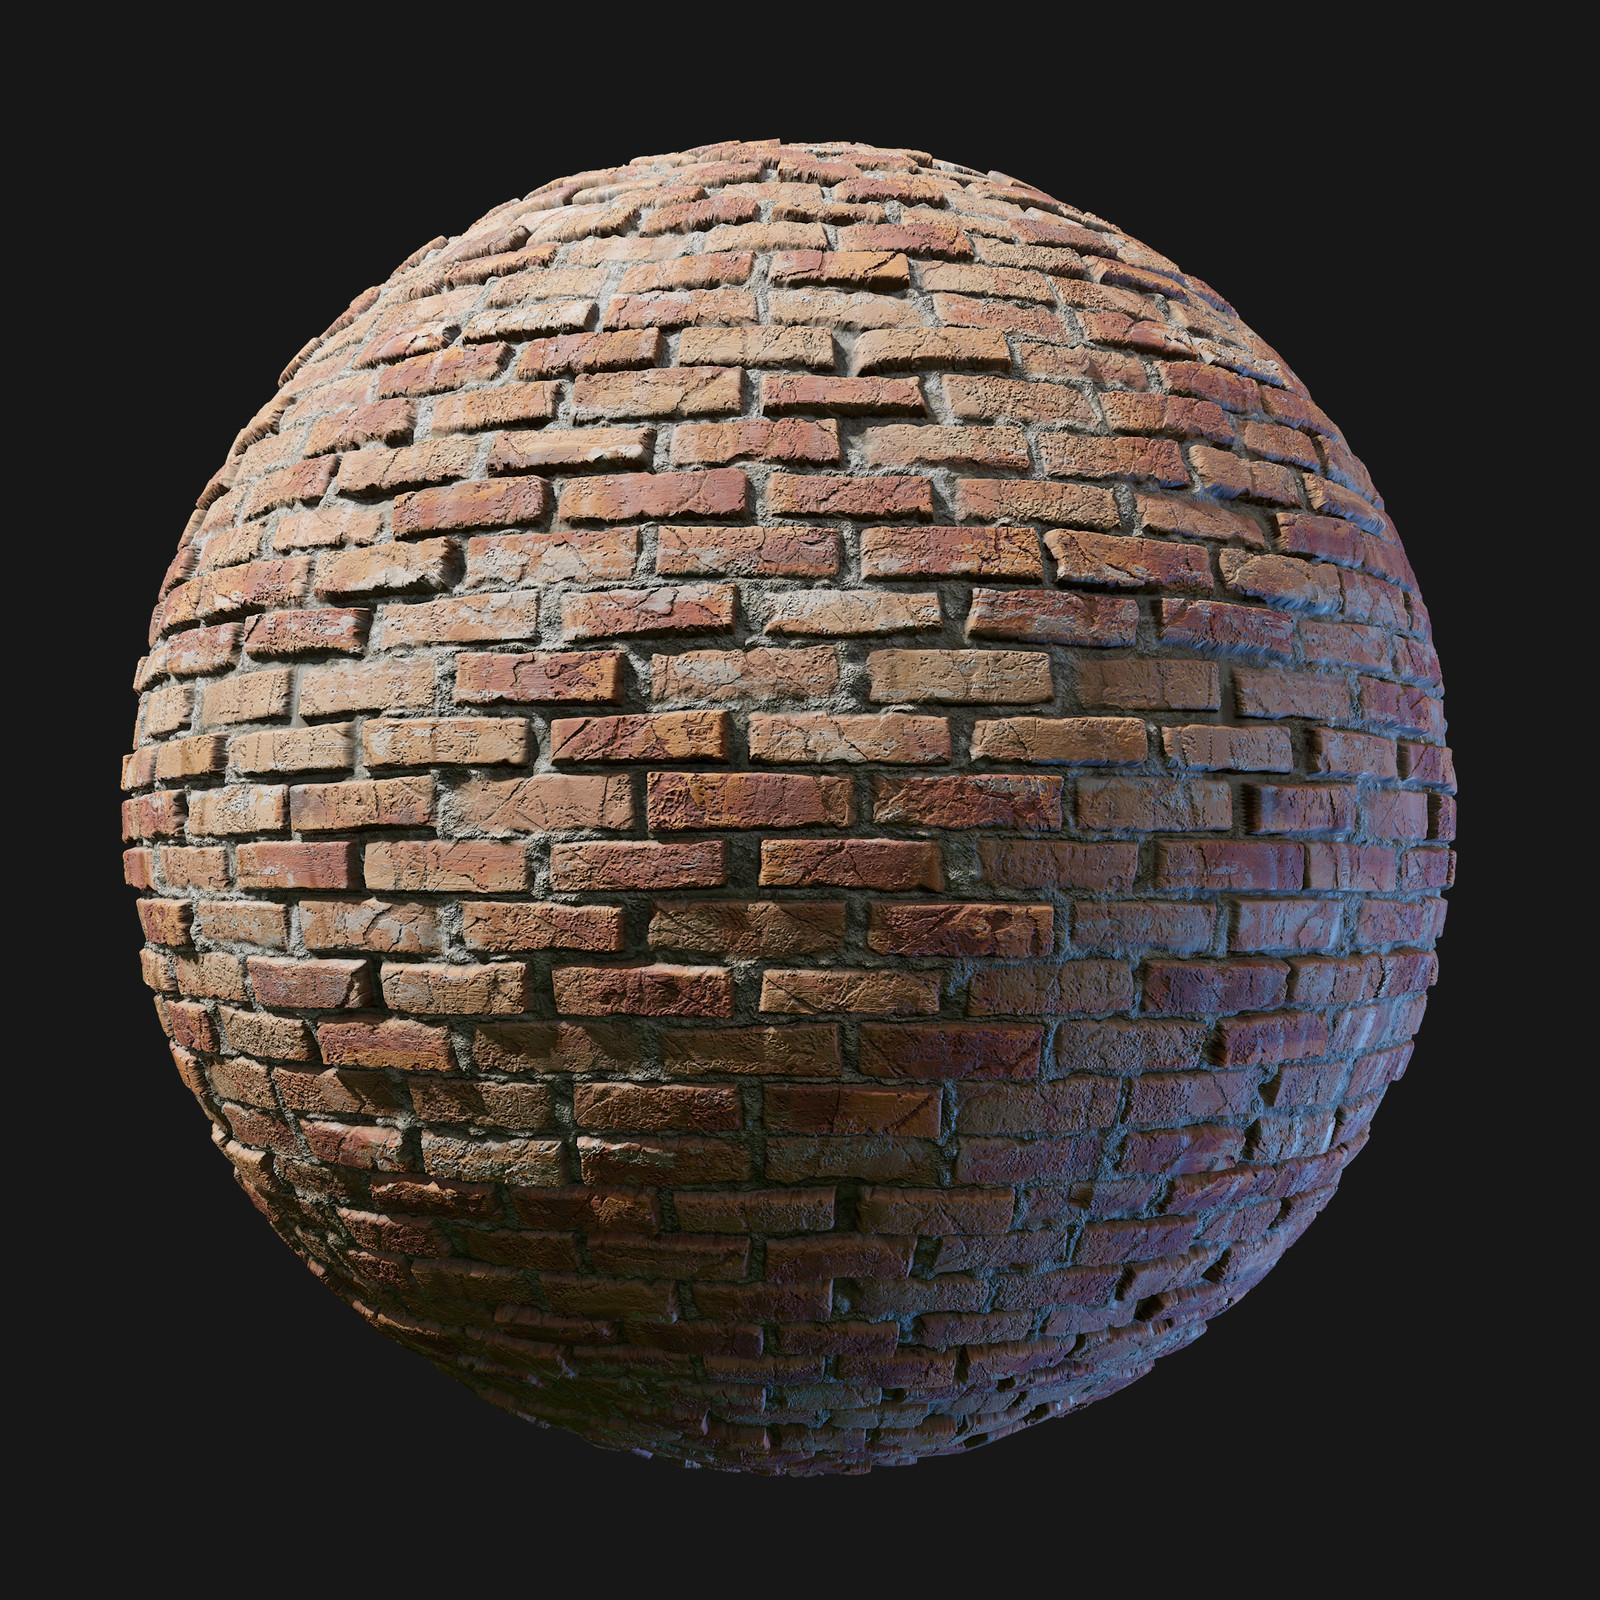 Sloppy Brick